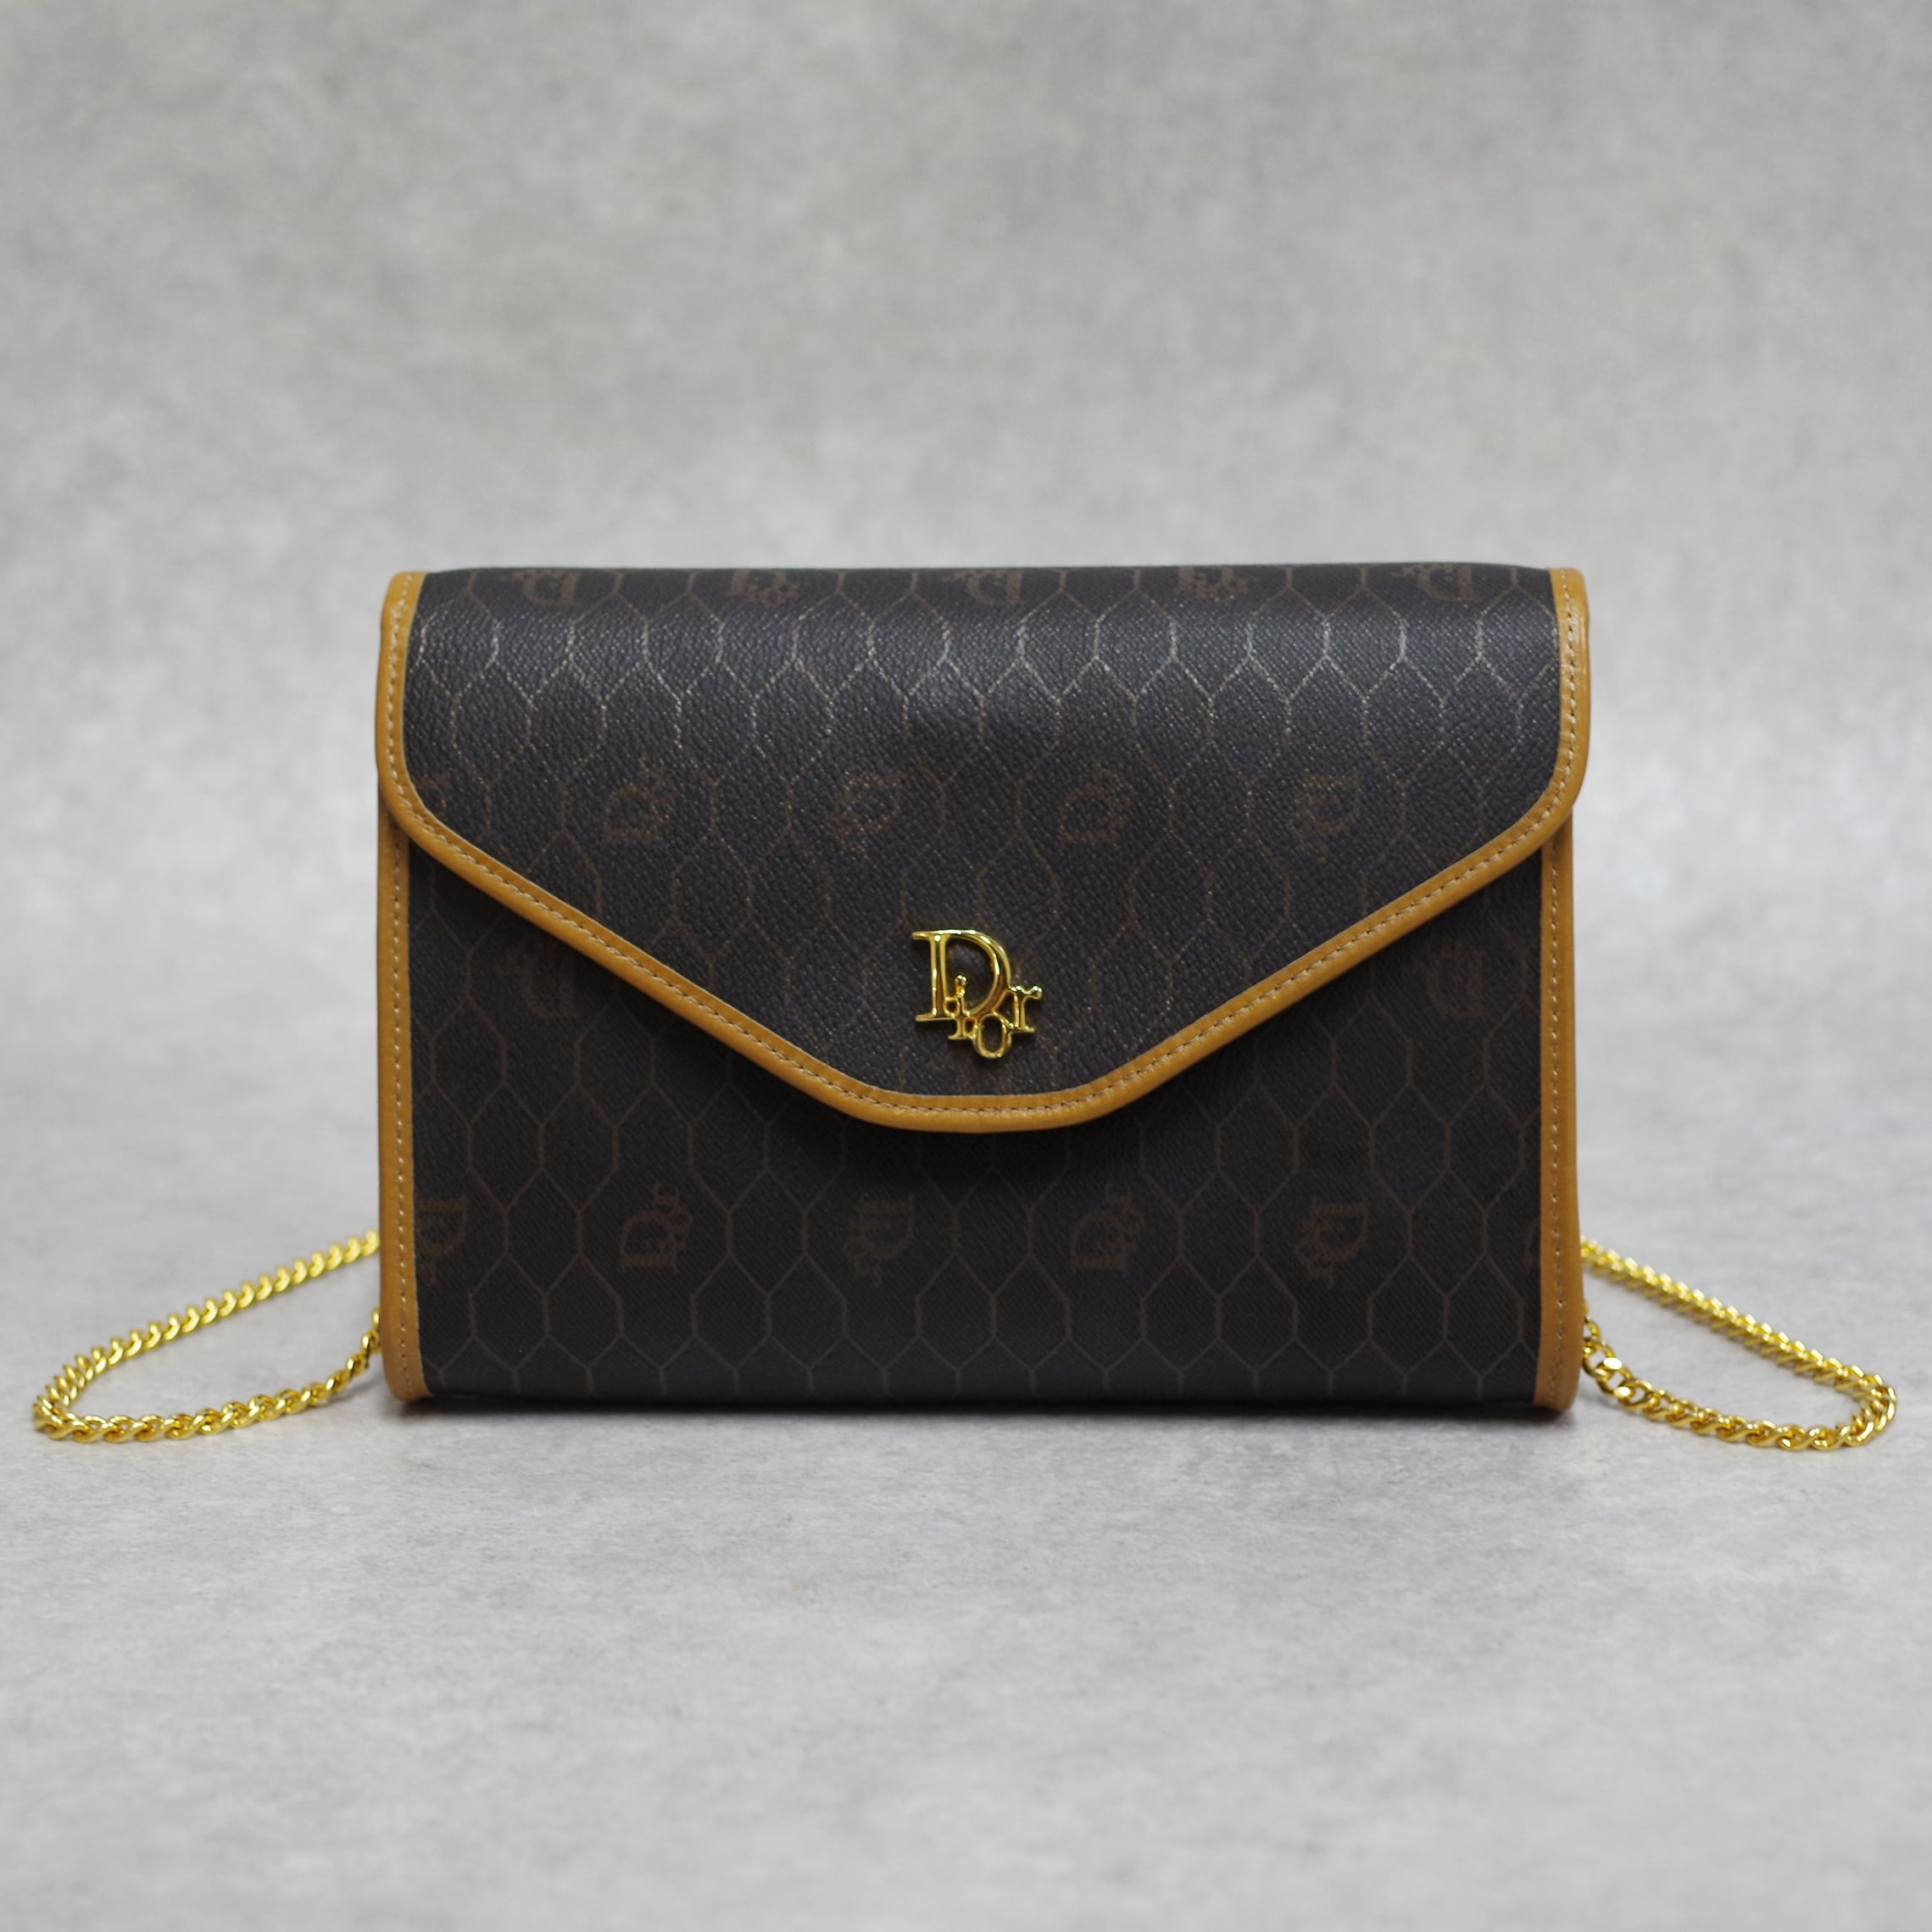 Christian Dior ディオール ハニカム柄 ショルダーバッグ ダークブラウン